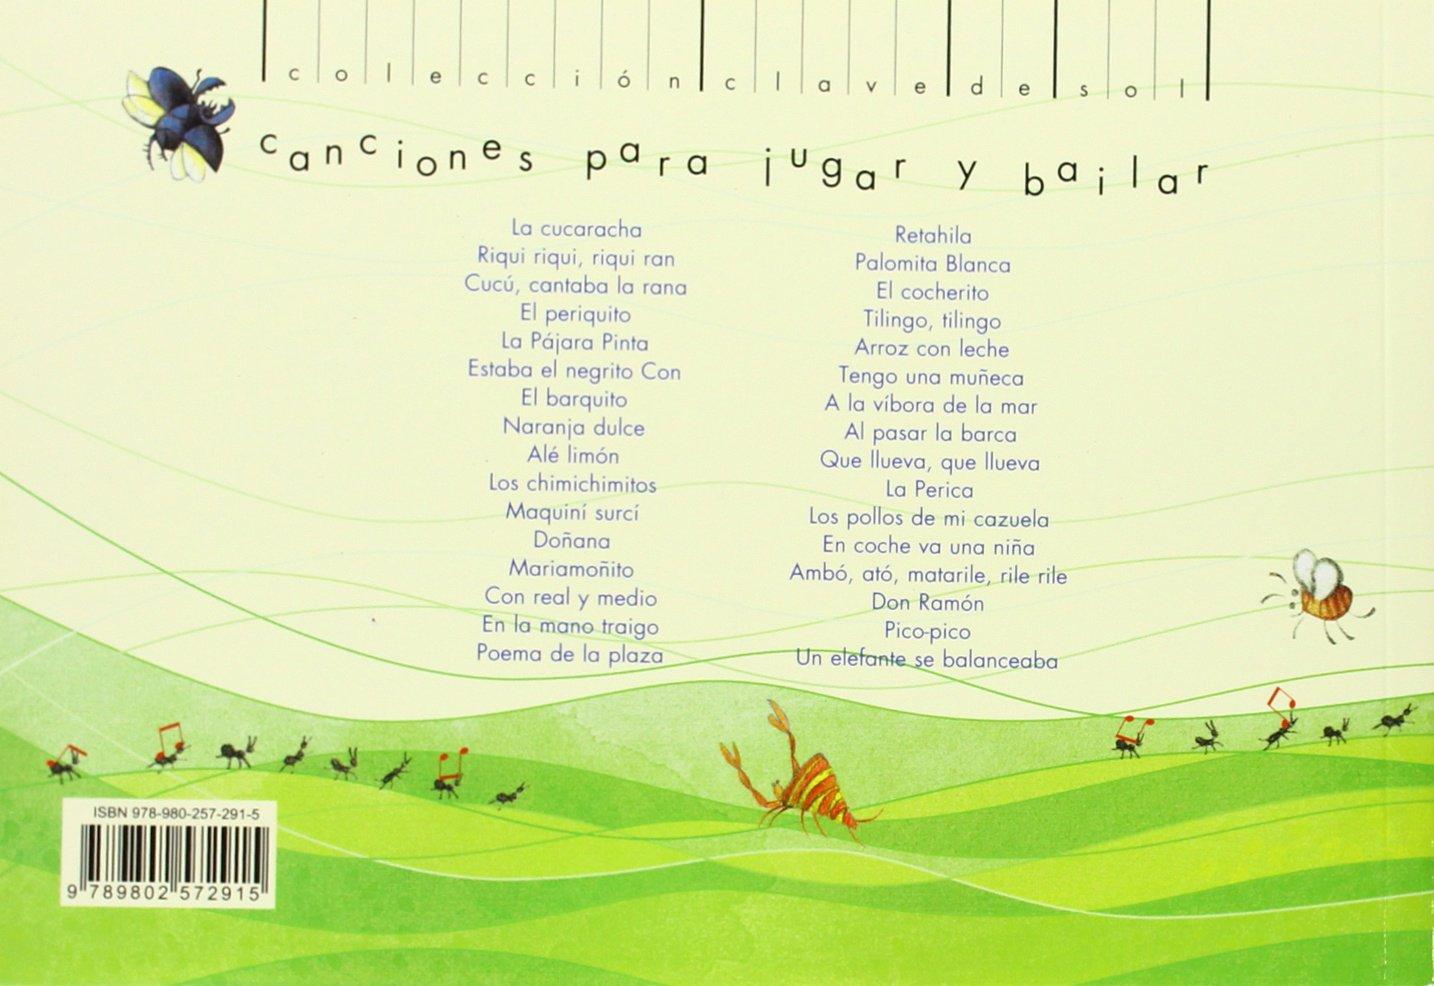 Riqui riqui, riqui ran: Canciones para jugar y bailar Clave de Sol: Amazon.es: DAVID MARQUEZ: Libros